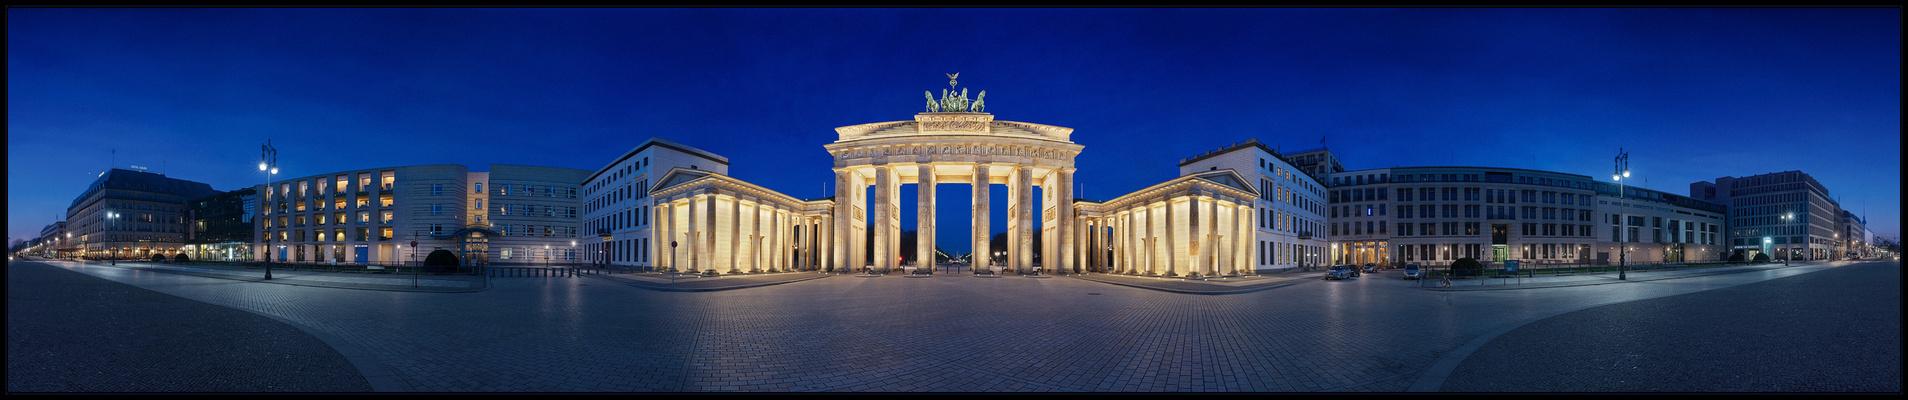 Brandenburger Tor von Berlin